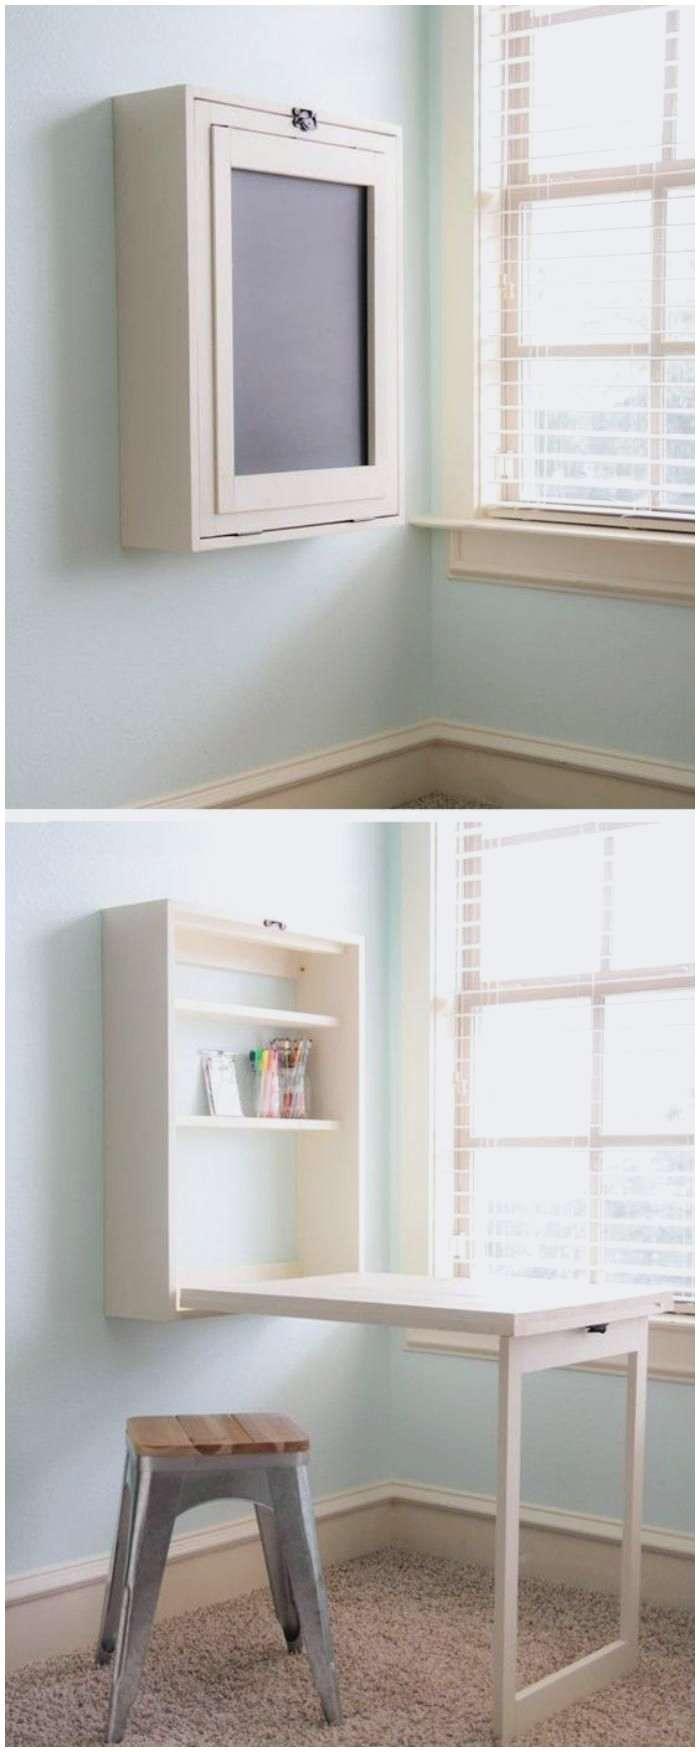 Оптимизация пространства в вашем доме фото 8